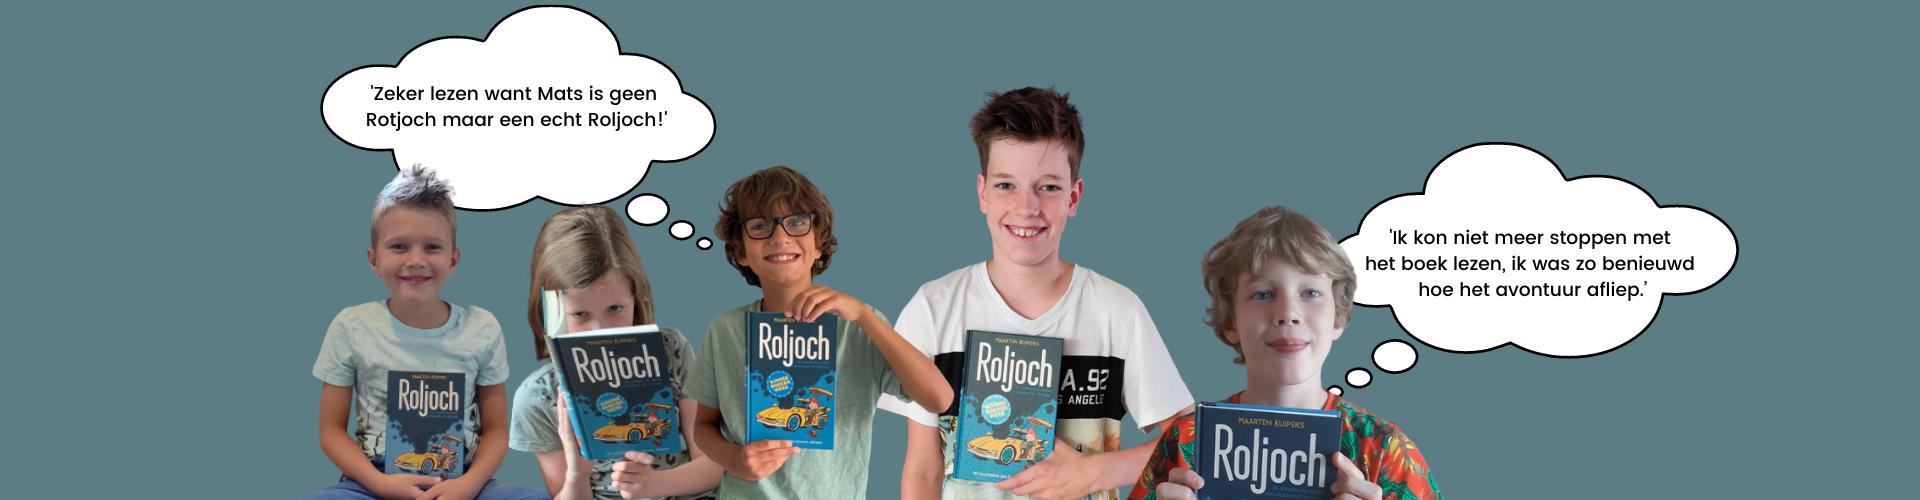 Ons Kinderpanel over 'Roljoch'